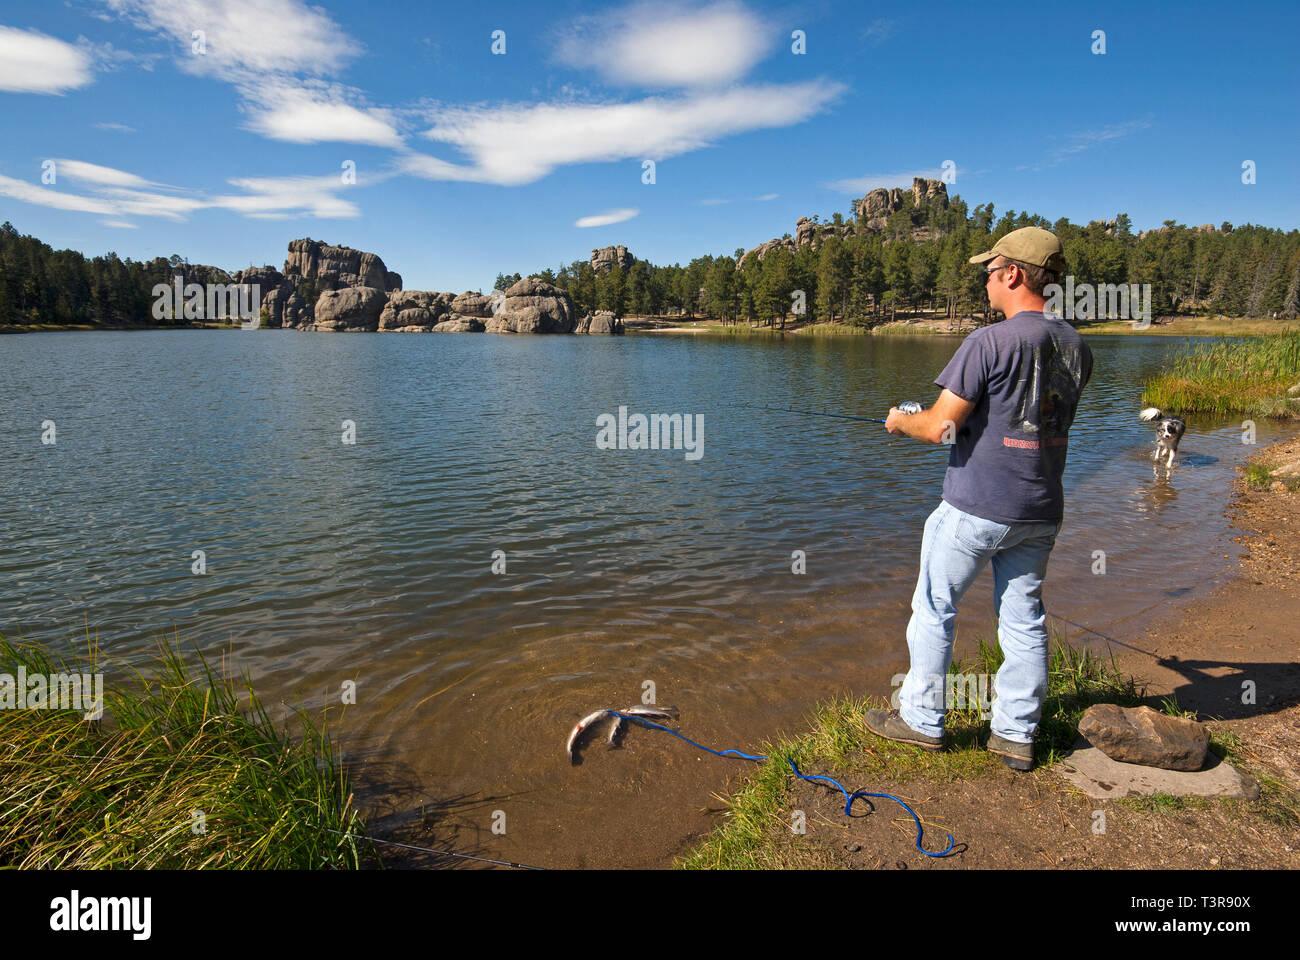 Fishing at Sylvan Lake, Custer State Park, South Dakota, USA Stock Photo